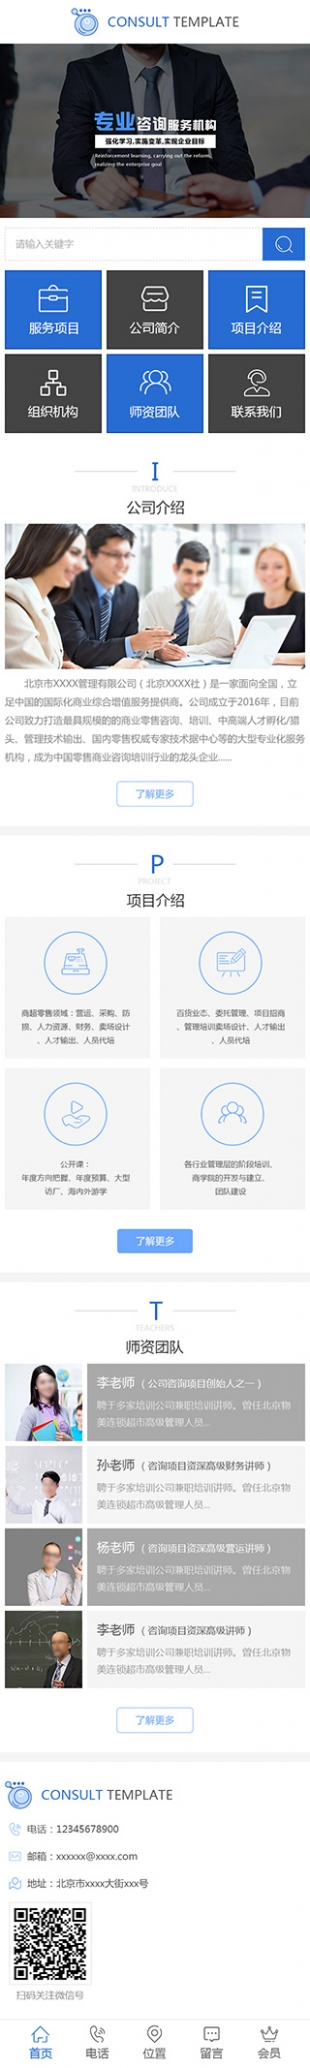 咨询类网站通用模板手机图片